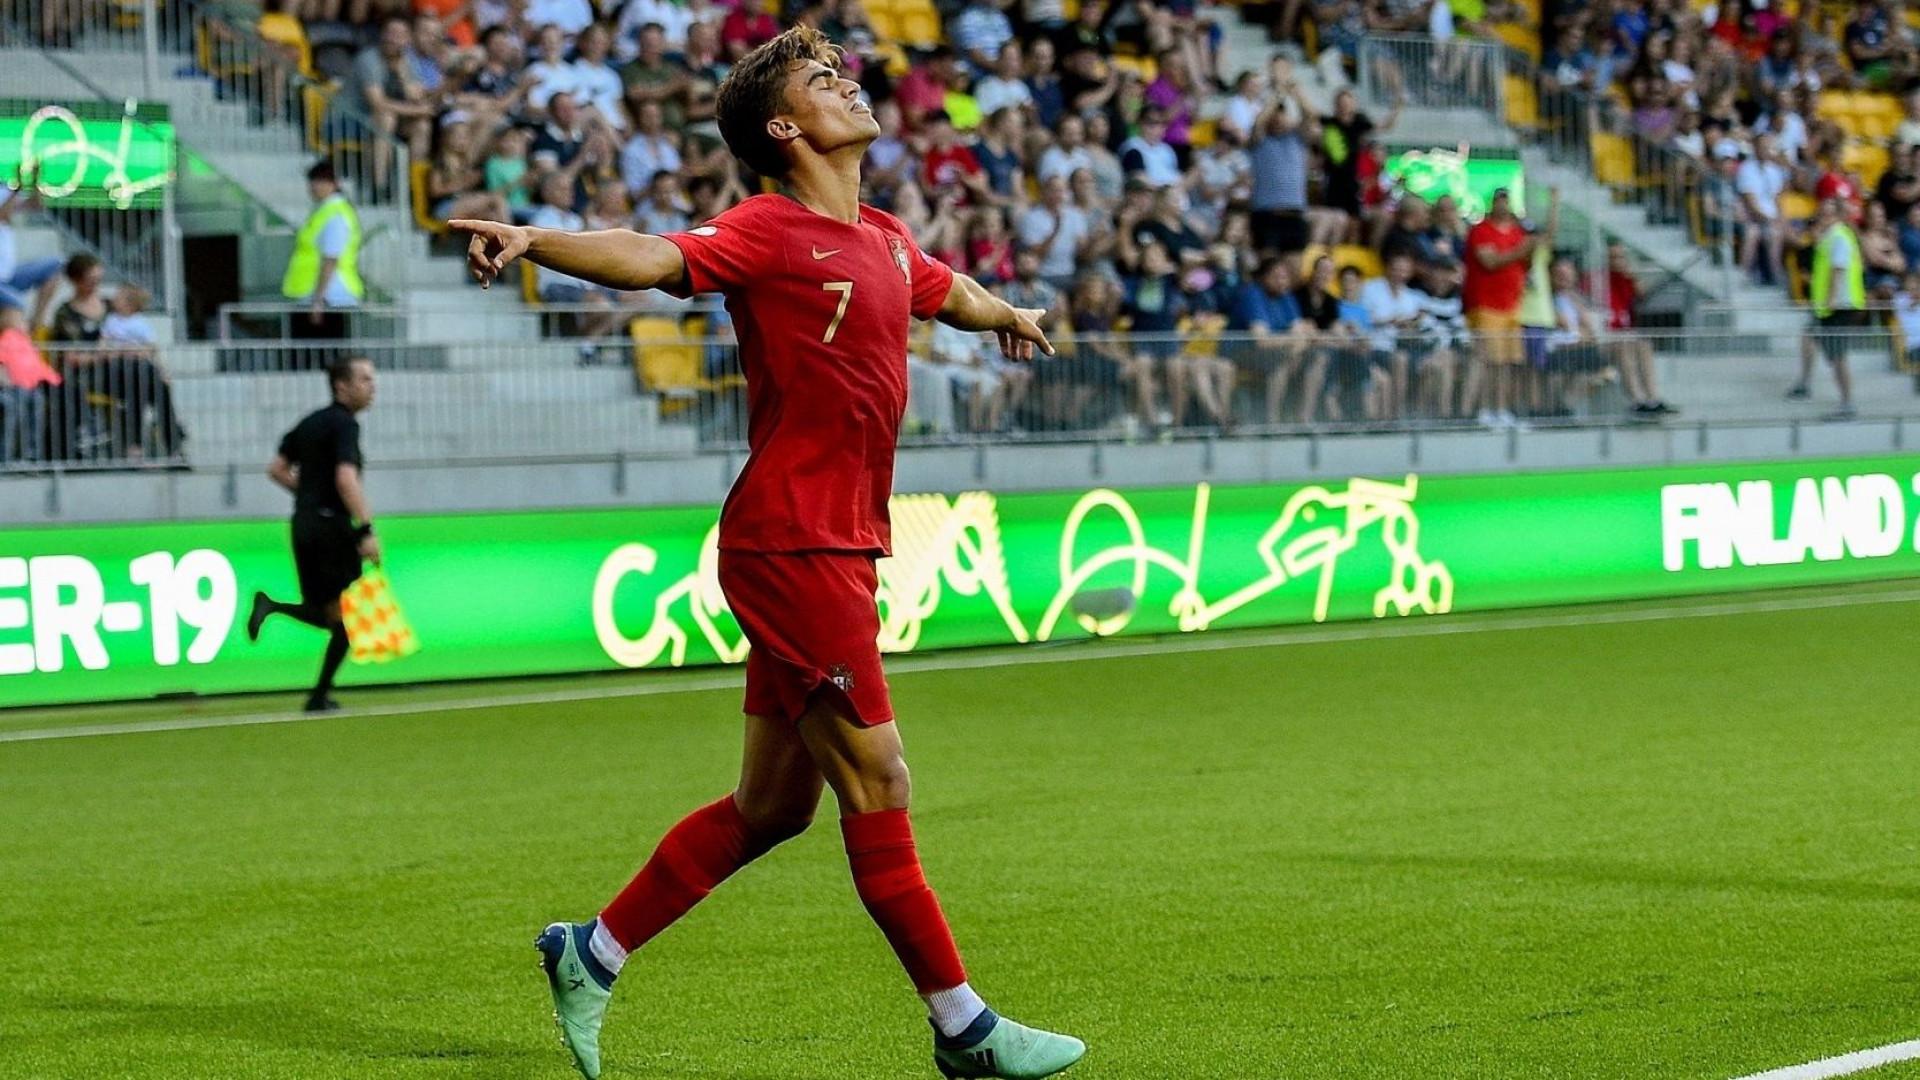 4997a602a1 Seleção Nacional venceu o Europeu da categoria sub-19 frente à Itália